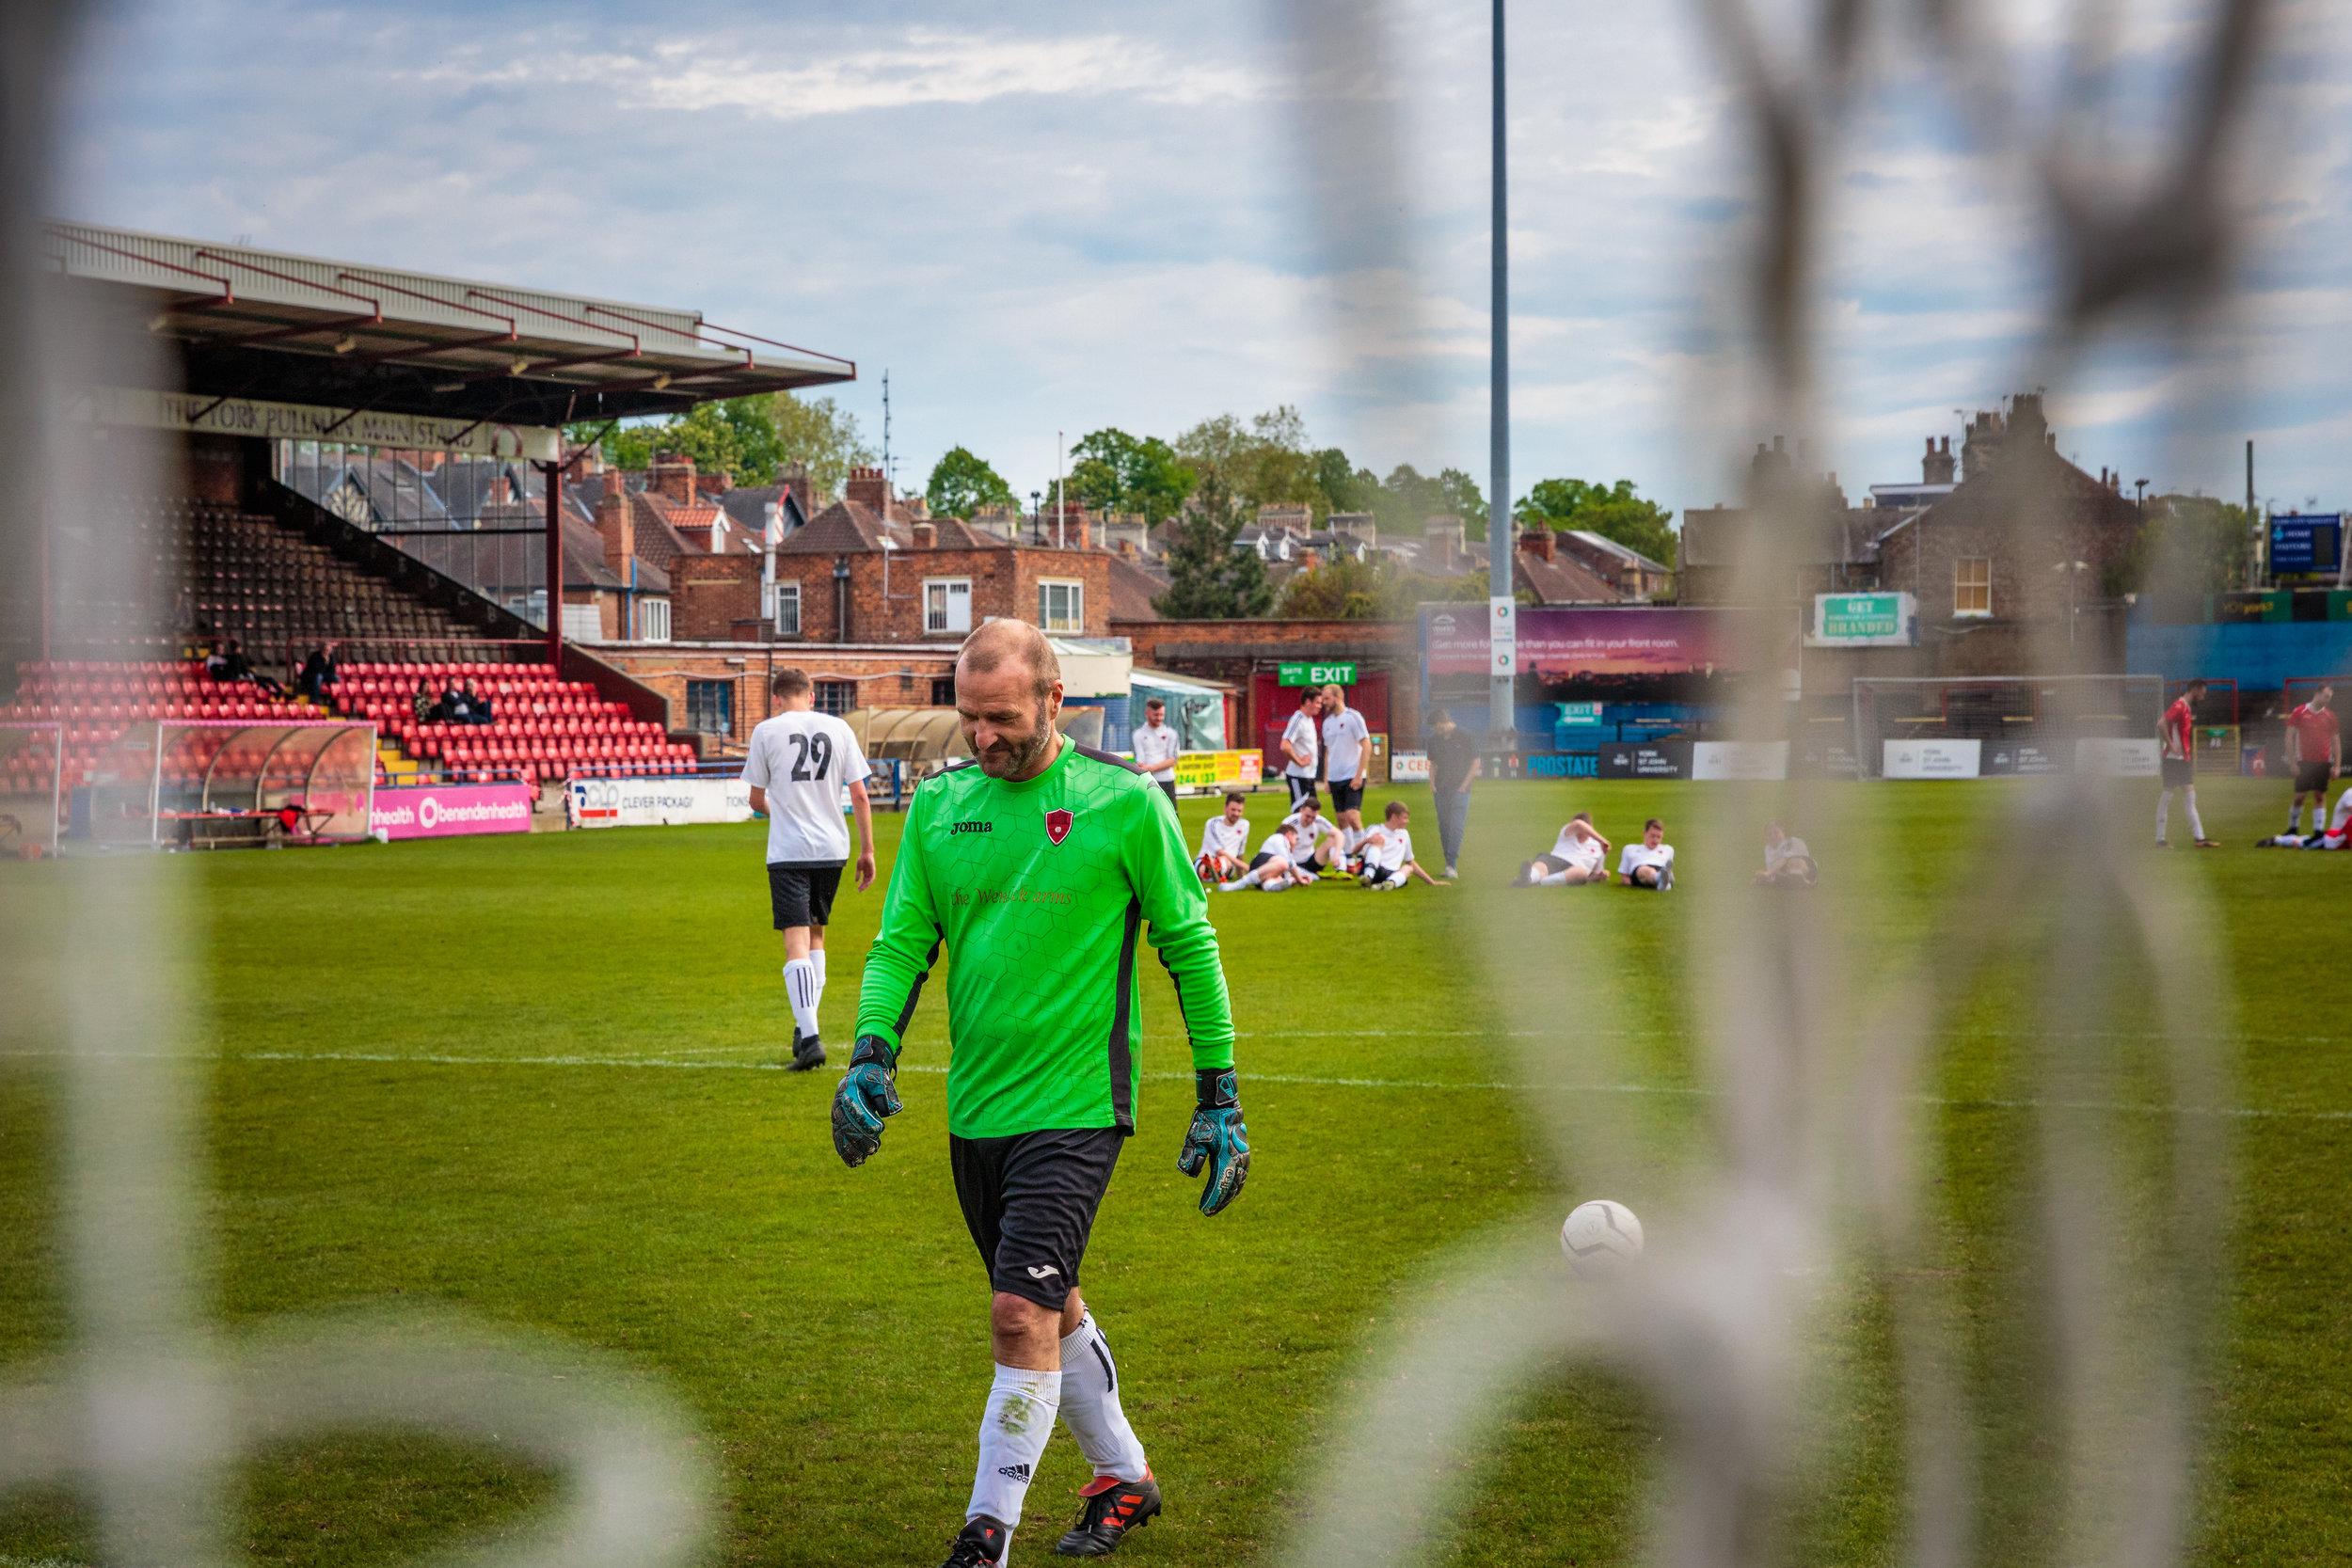 Wheldrake Football Club Goal Keeper